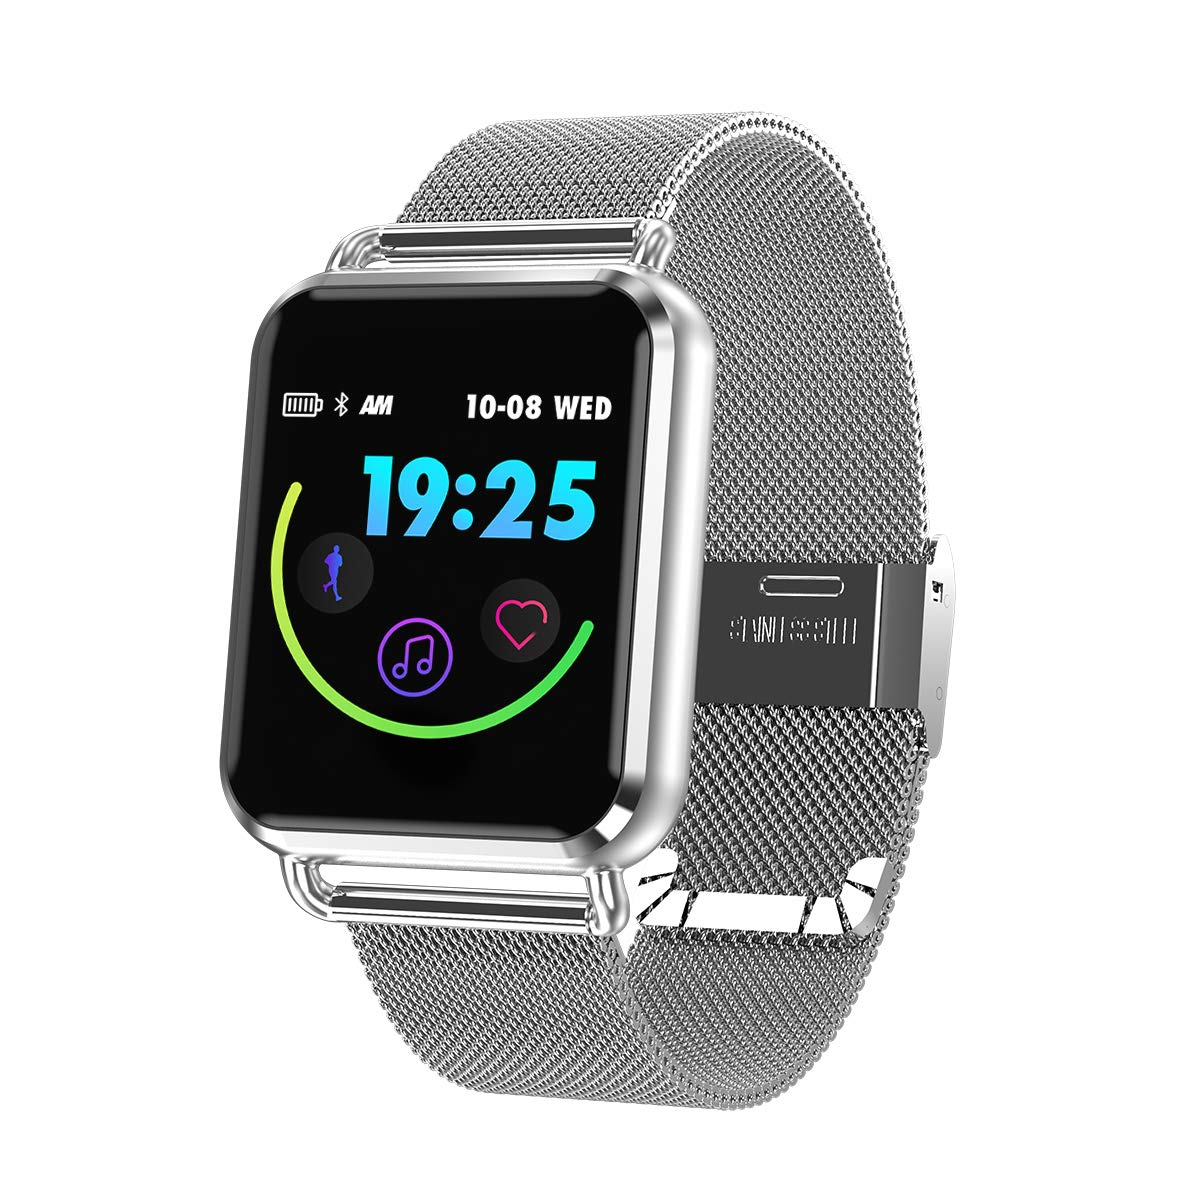 Amazon.com: Loluka - Reloj inteligente de seguimiento de ...